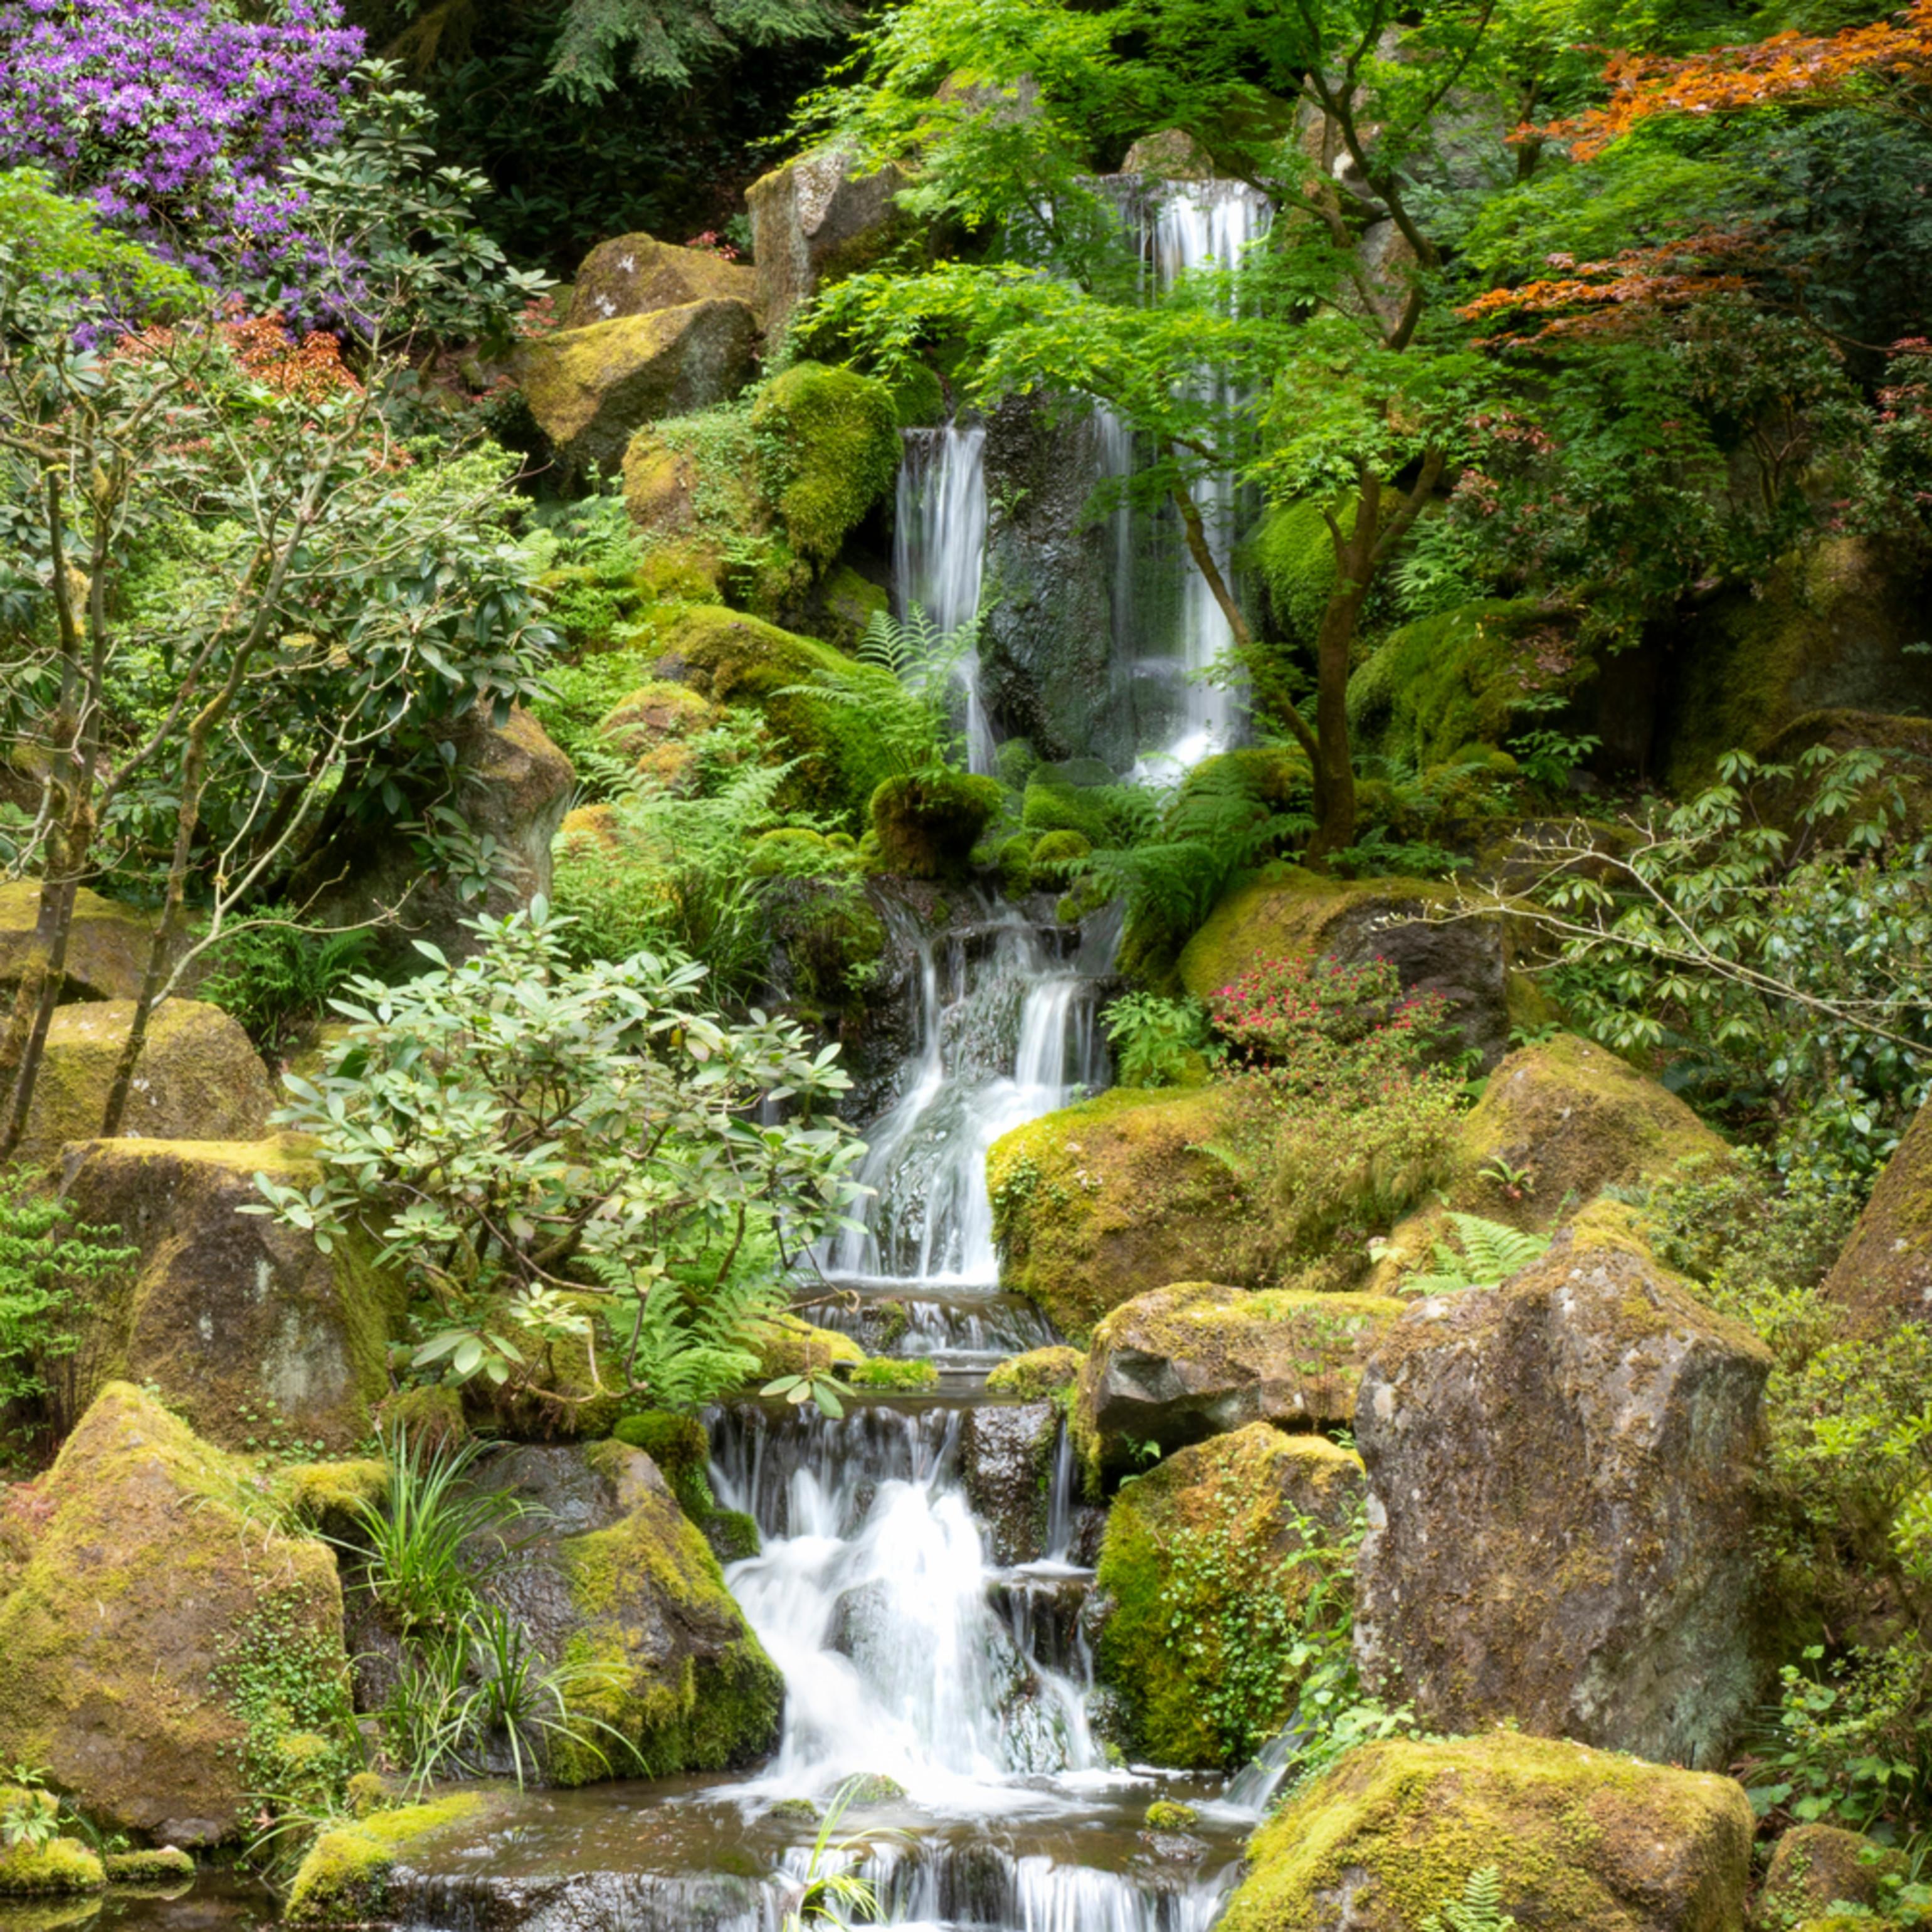 Eden s falls 2 mrqhh1